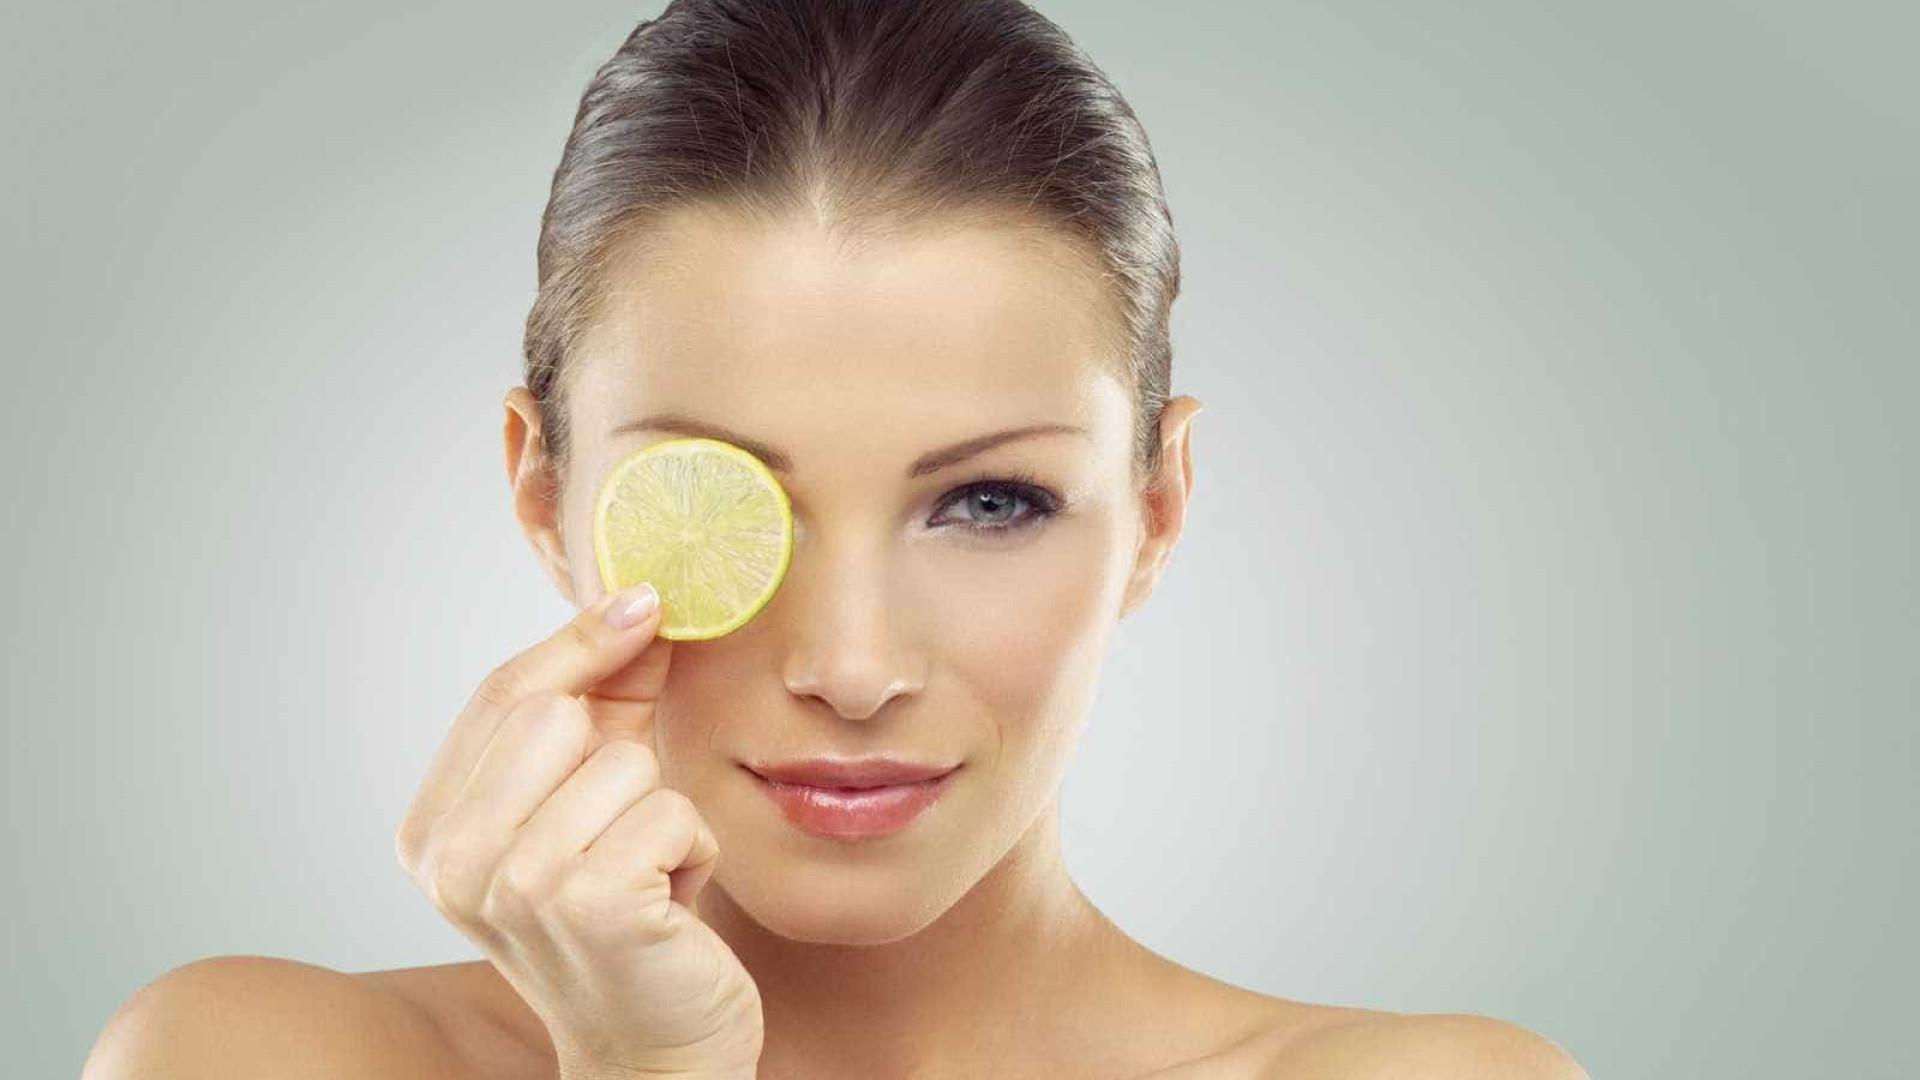 Segredo para a pele está numa só vitamina